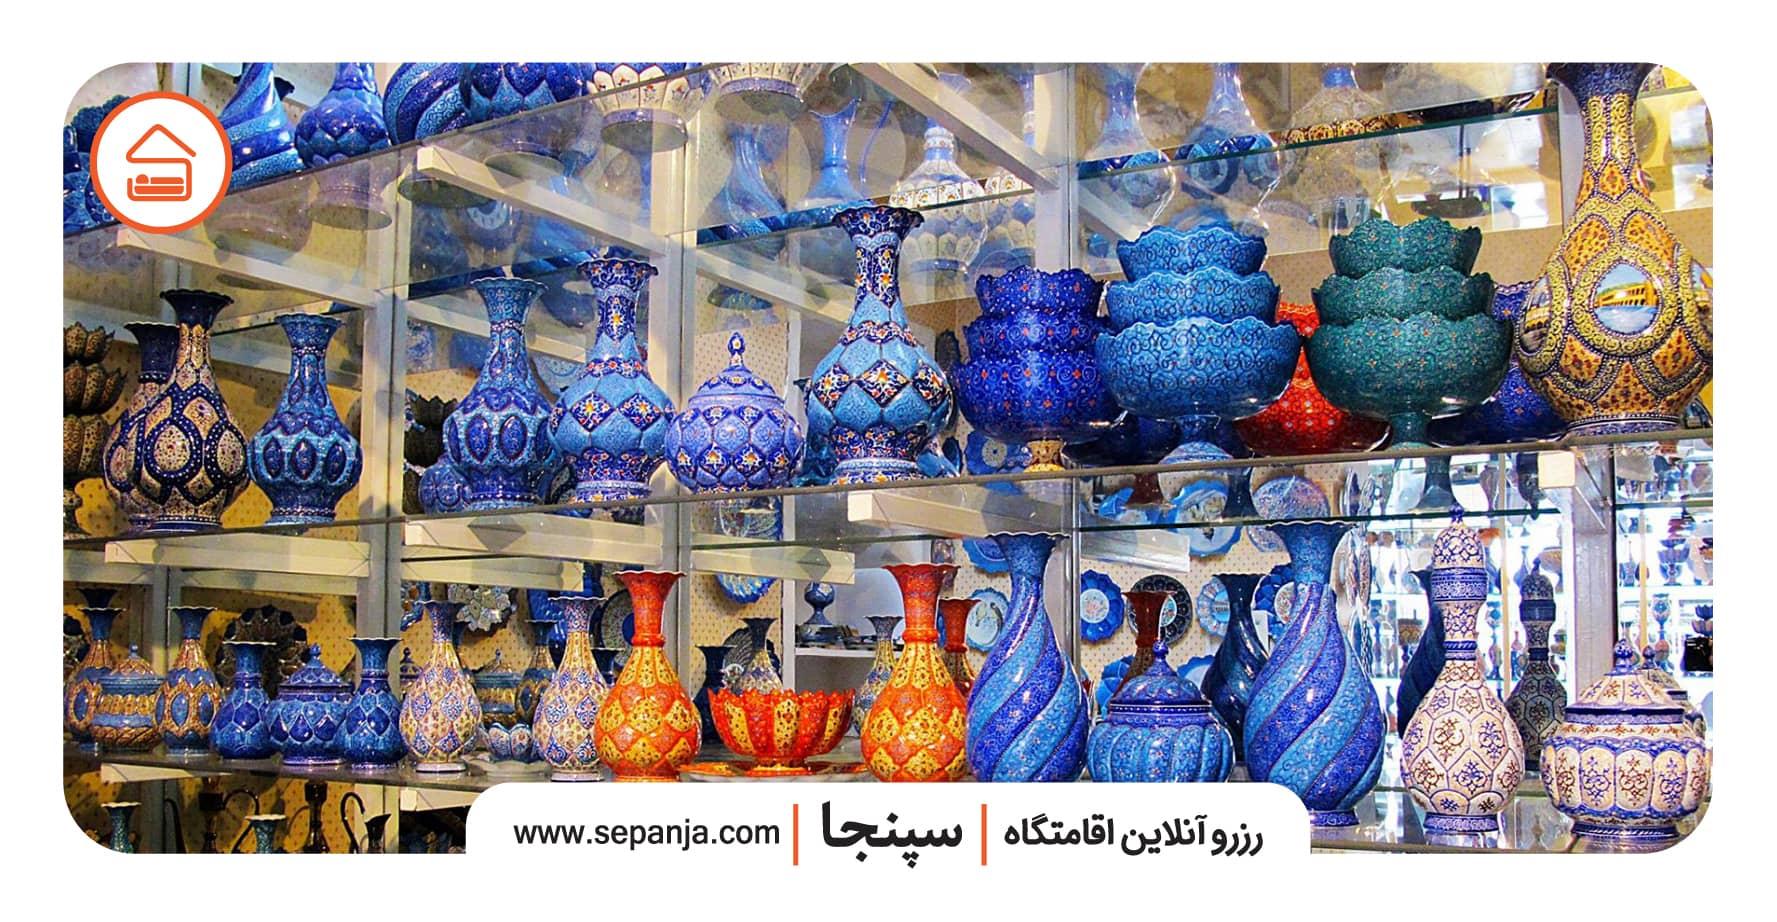 نمایی از صنایع دستی شیراز